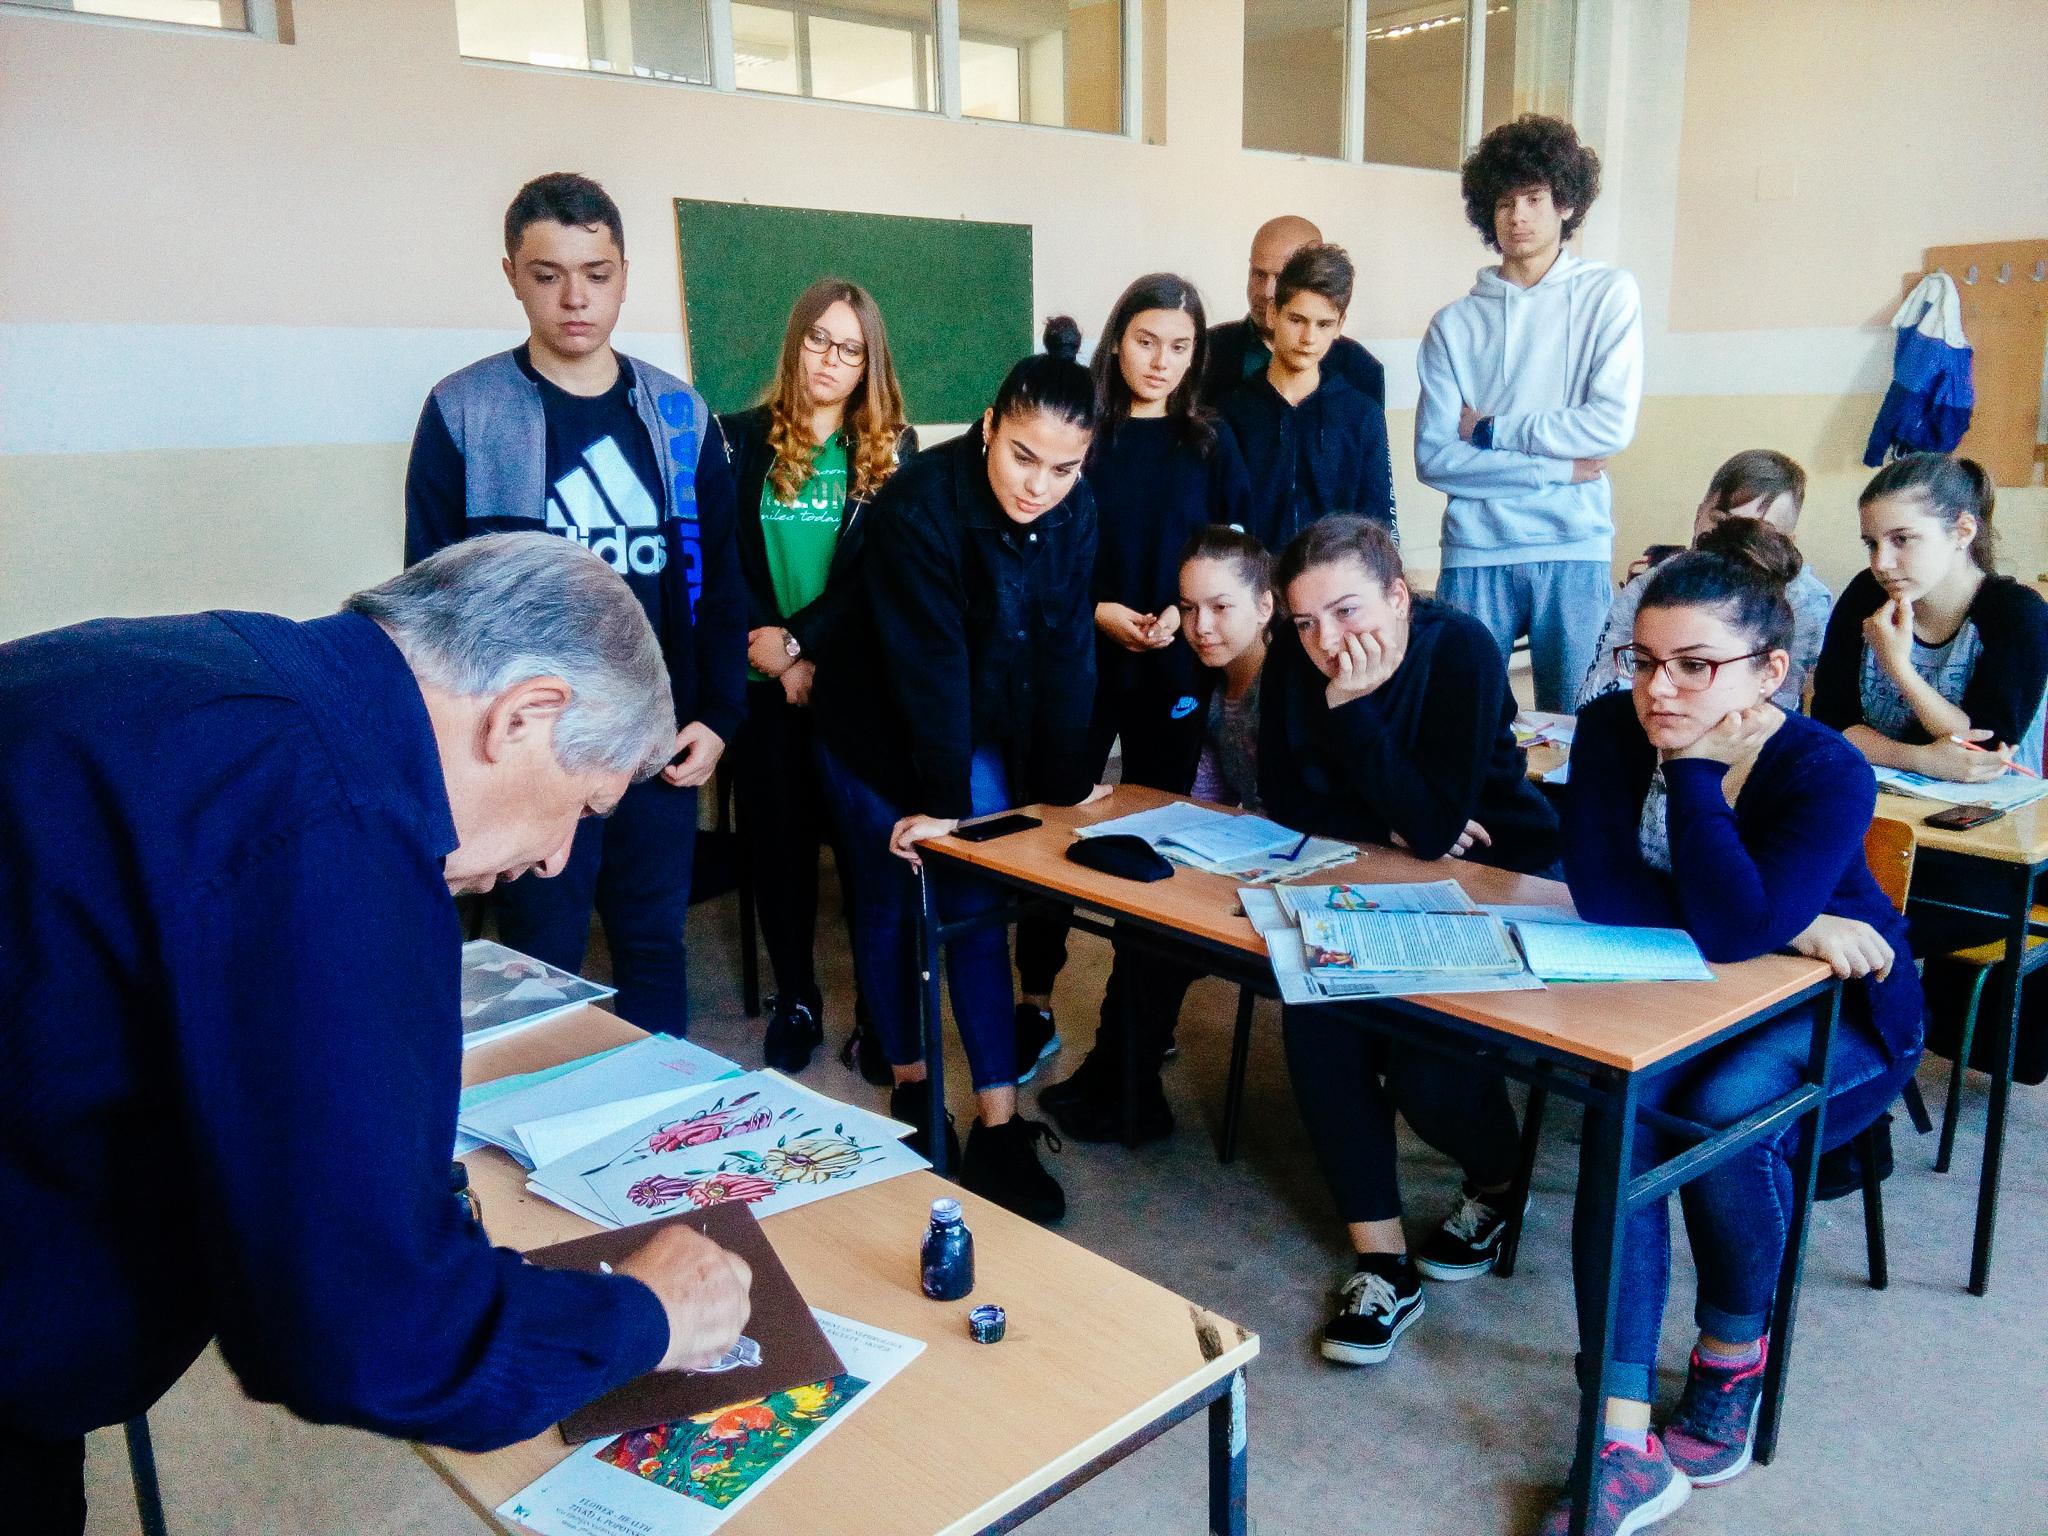 Поповски ја посети паралелката I-6 каде што на часот на професорот Костадин Каркаљашев се запозна со учениците и им раскажа за неговата мисија, а потоа, додека учениците дискутираа за македонската народна поезија за време на наставата на професорката Снежана Пијанманова, на сите им наслика по една минијатура.